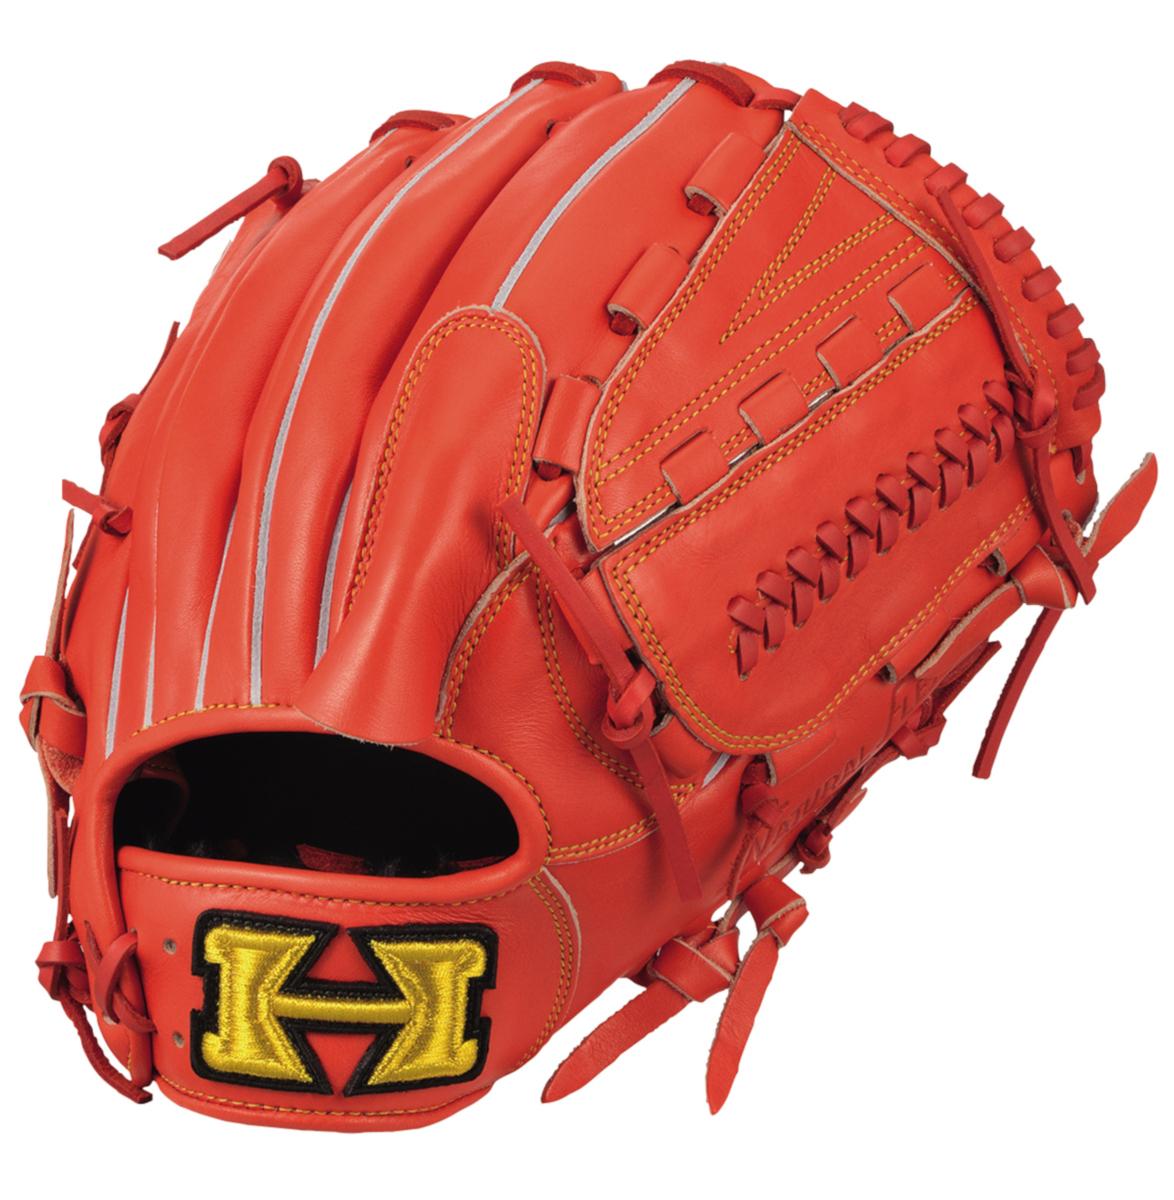 ハイゴールド 軟式野球グラブ 己極シリーズ 投手用グローブ ファイヤーオレンジ OKG6431